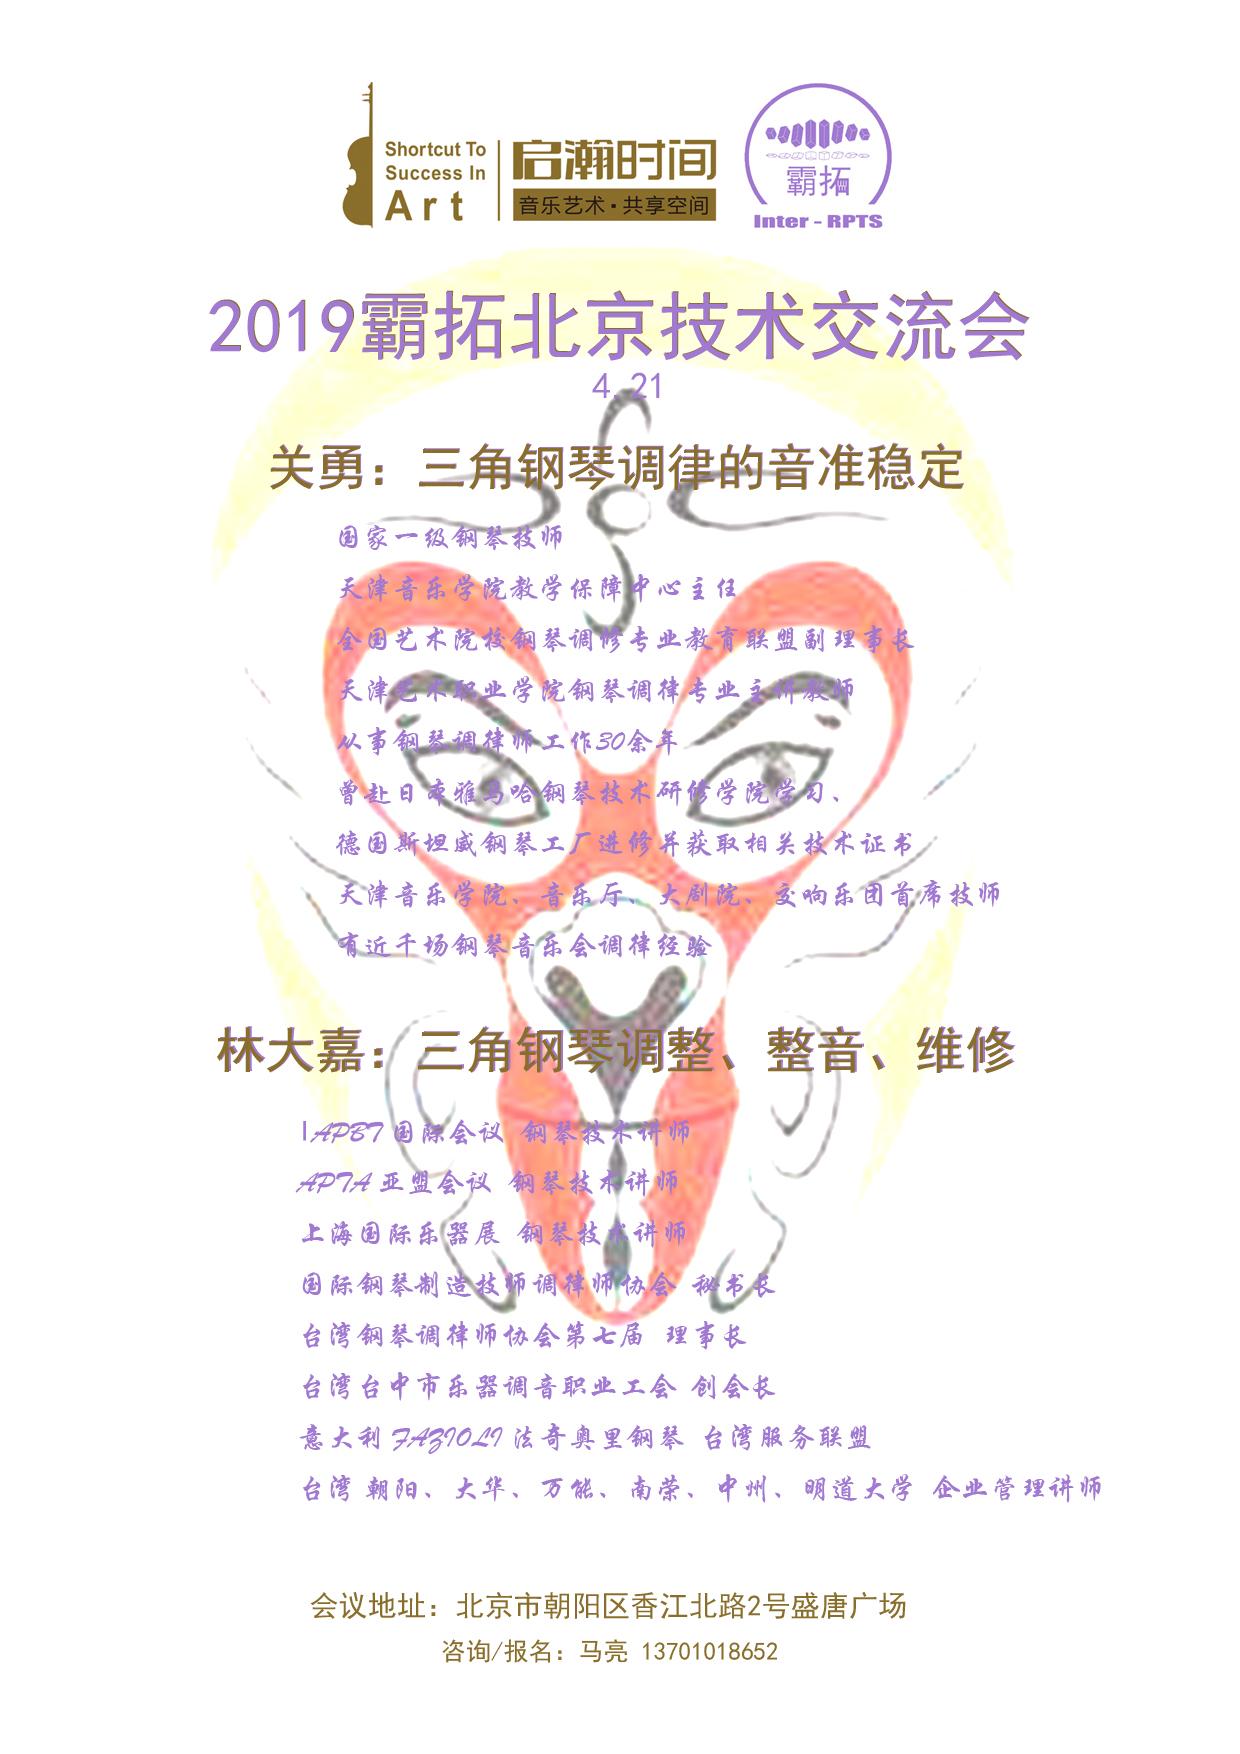 霸拓2019北京-海报 200.jpg